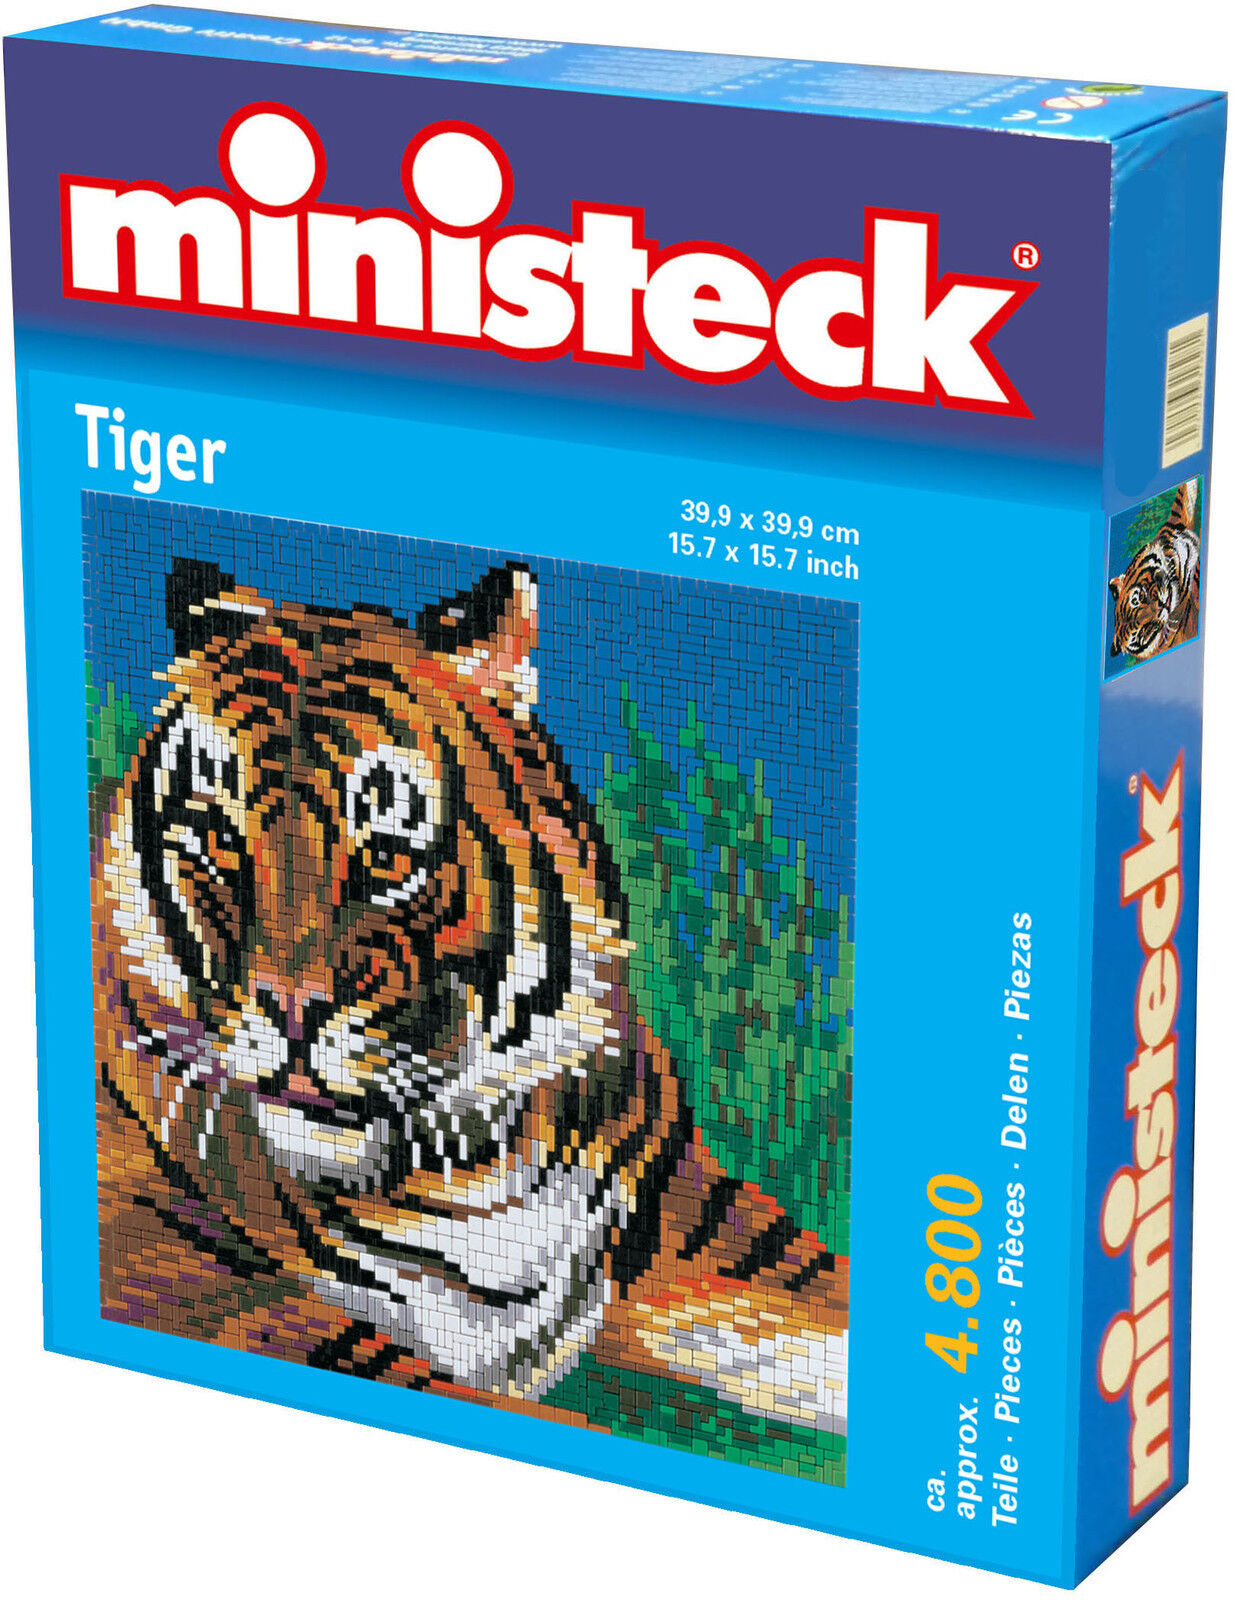 Noël coloré Ministeck Pixel Puzzle (31804): Tigre 4800 Pièces | De Qualité Constante  | Le Prix De Marché  | Nous Avons Gagné Les éloges De Clients  | Distinctif